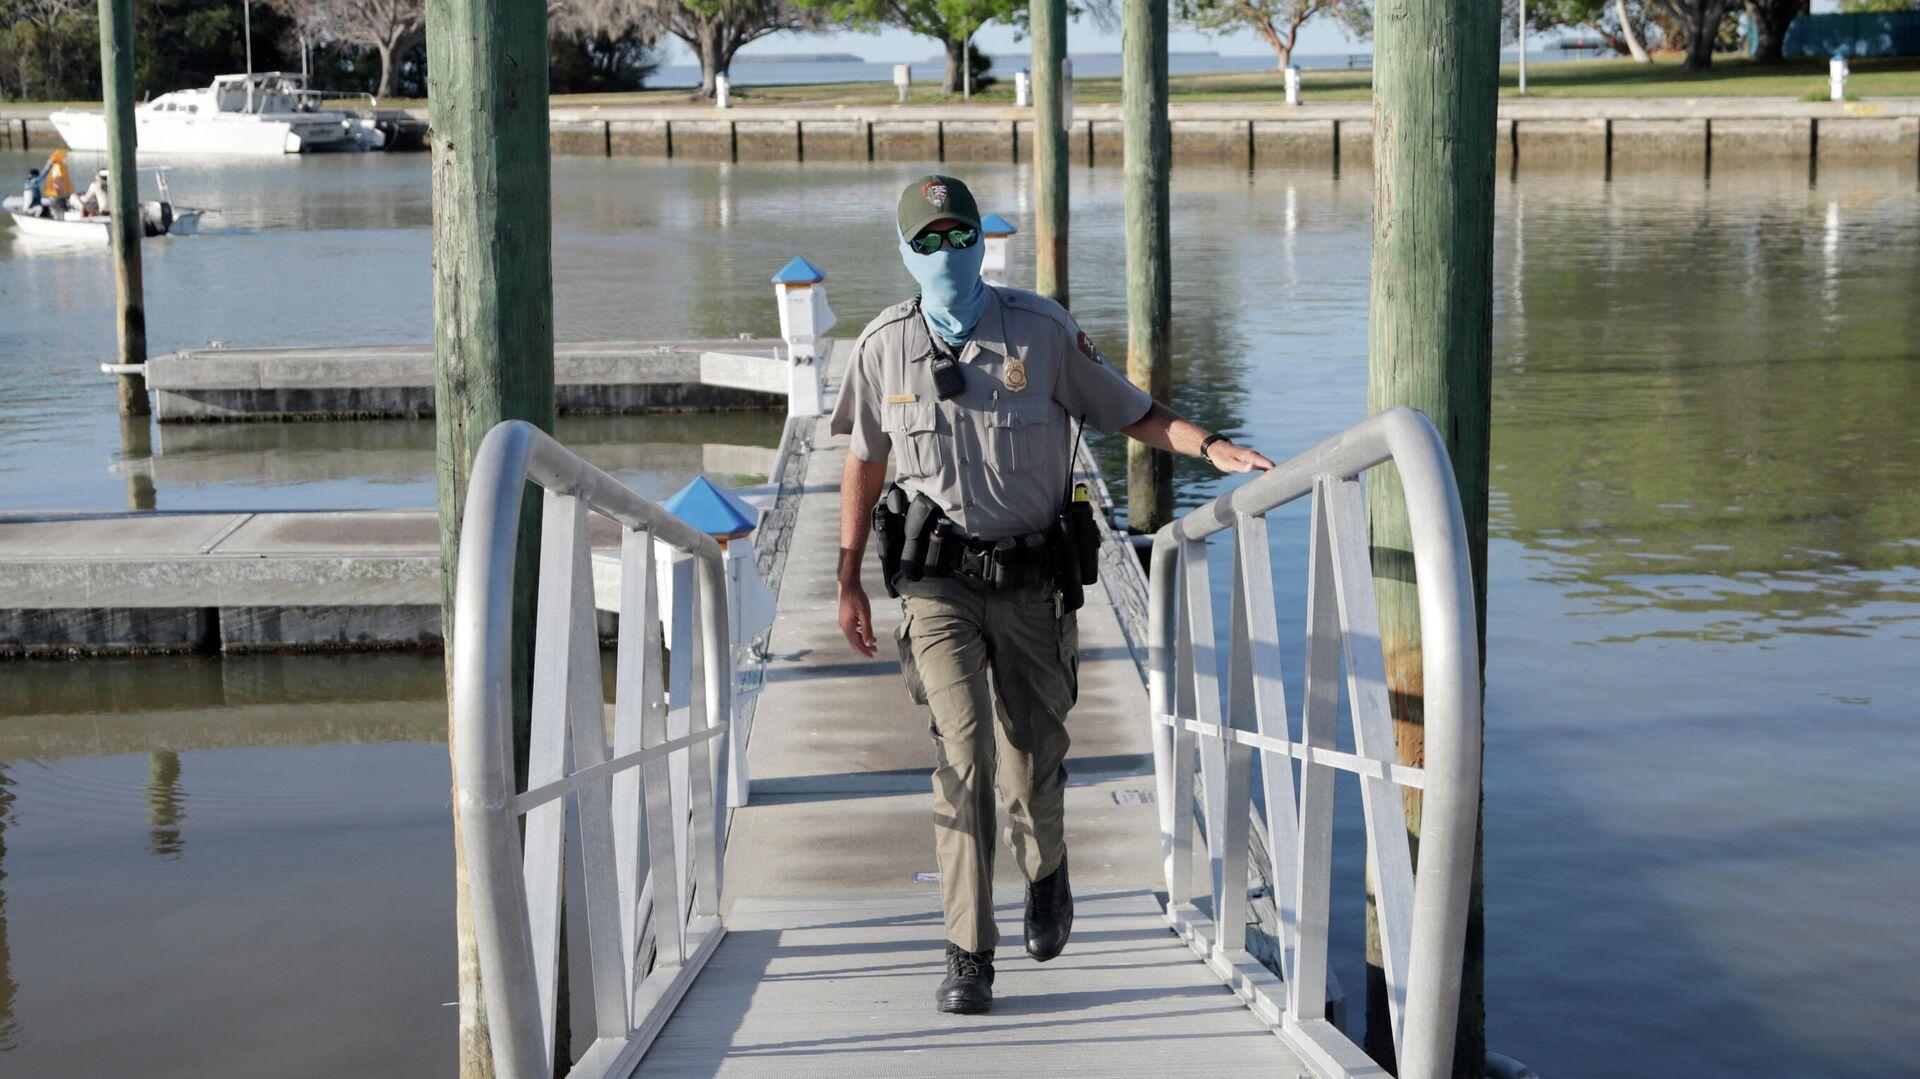 Guarda forestal en el Parque Nacional Everglades, EEUU - Sputnik Mundo, 1920, 29.03.2021